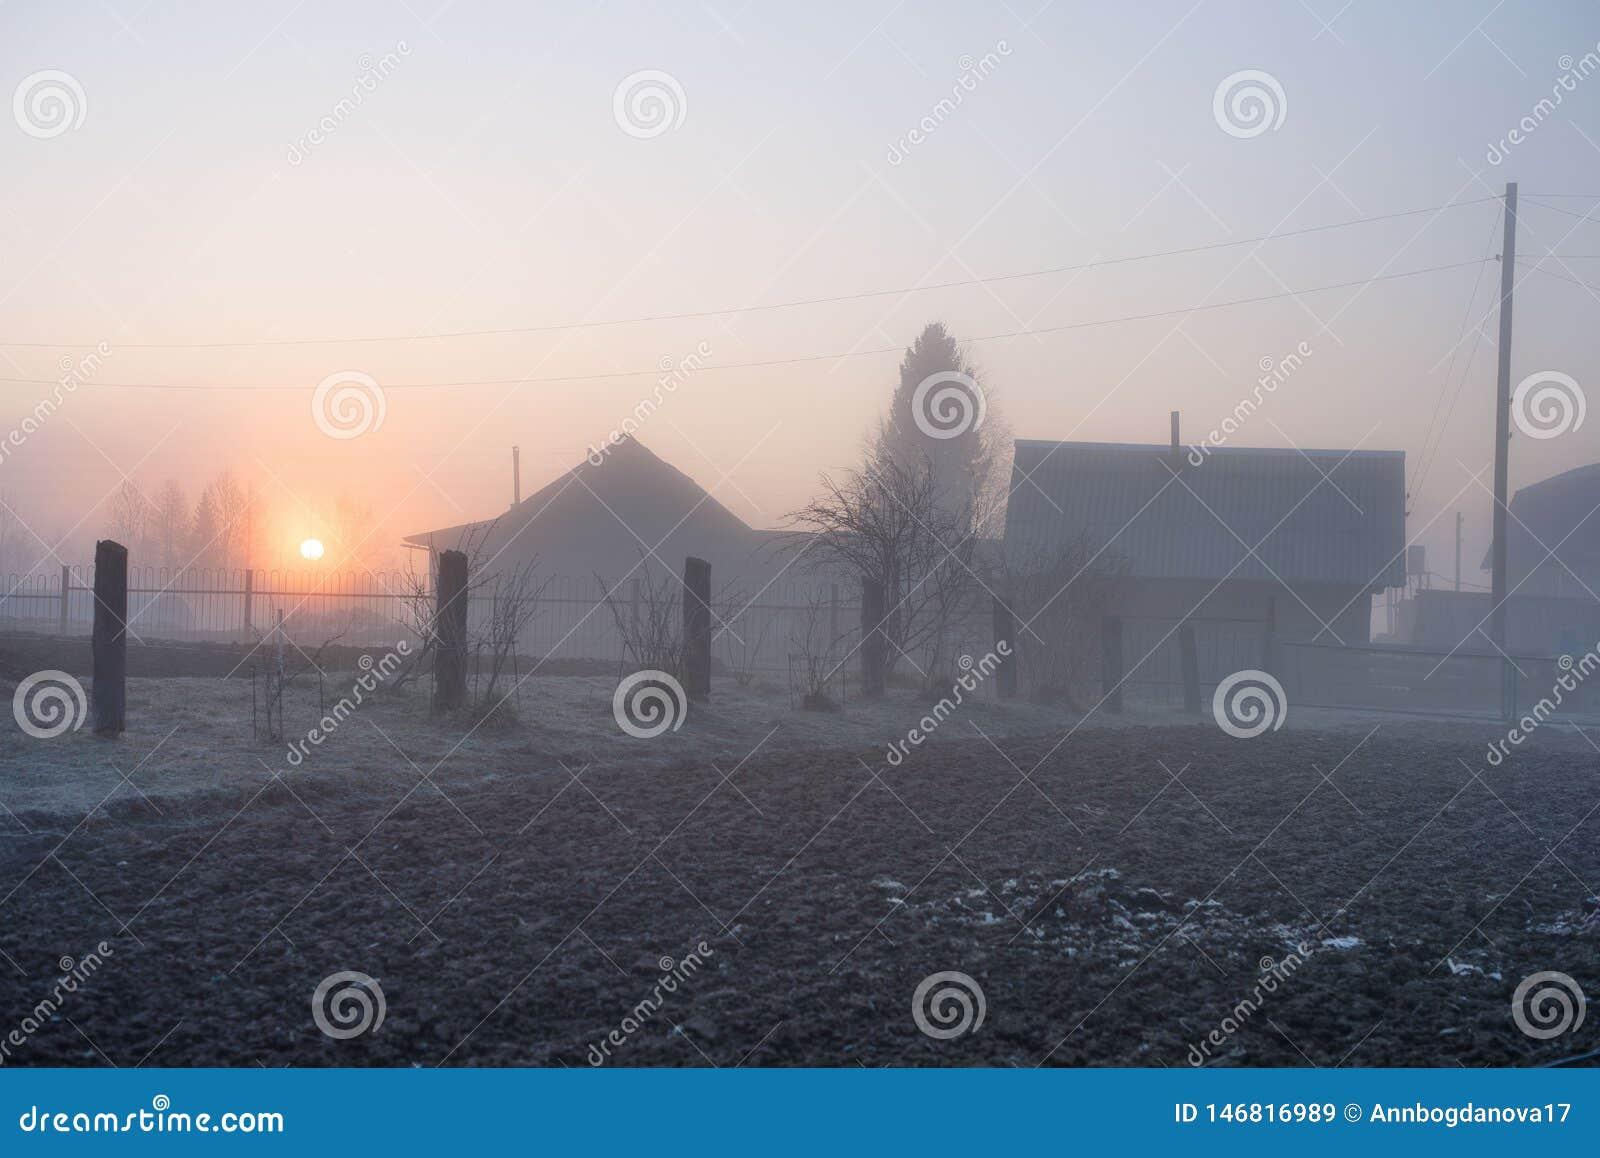 Ομιχλώδες πρωί στην επαρχία